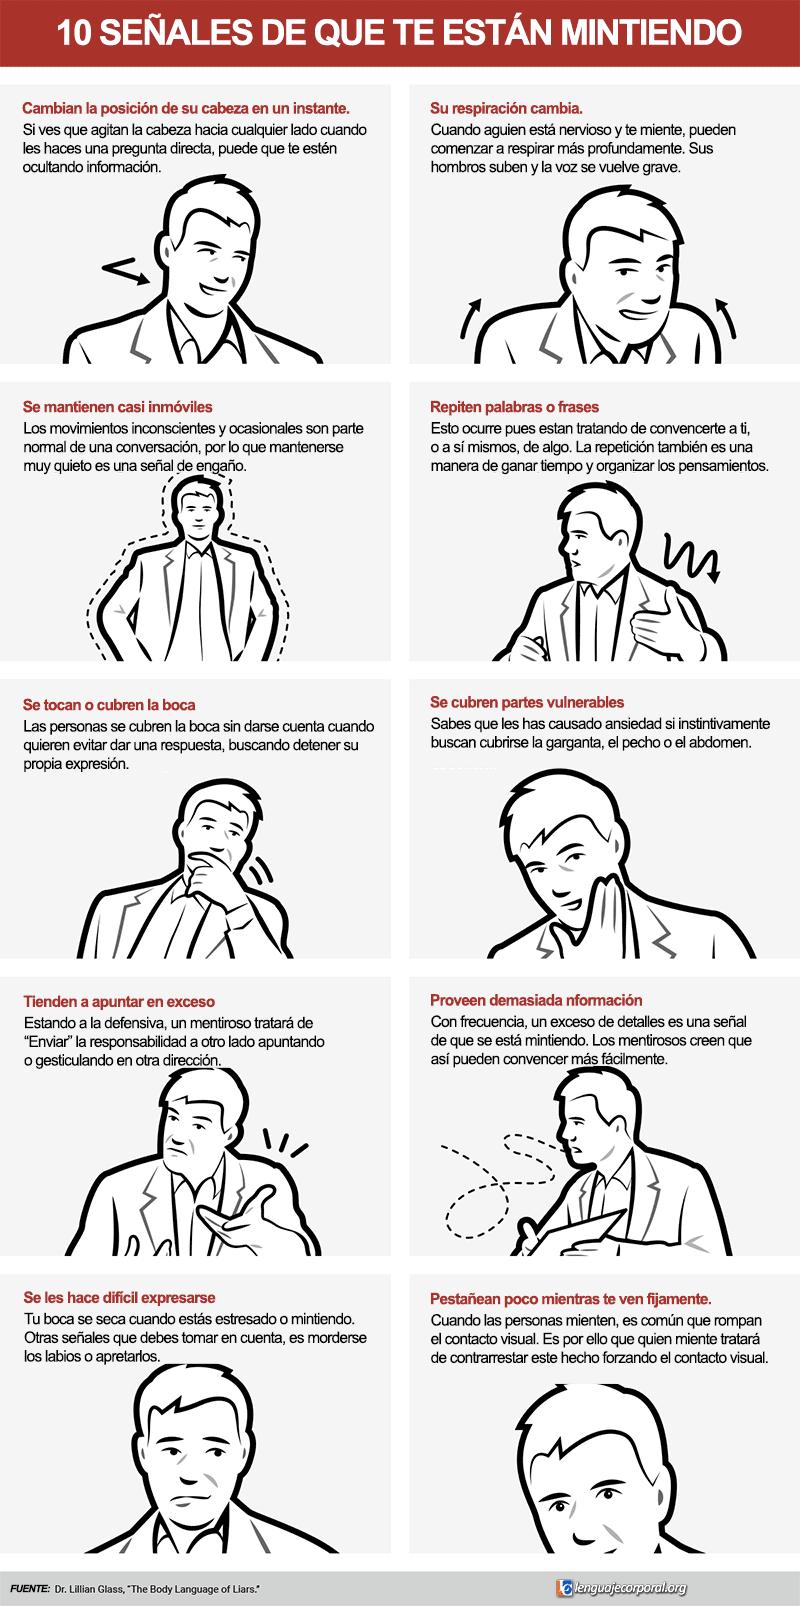 130 Ideas De Lenguaje Corporal Lenguaje Corporal Lenguaje Lenguaje Corporal Psicologia